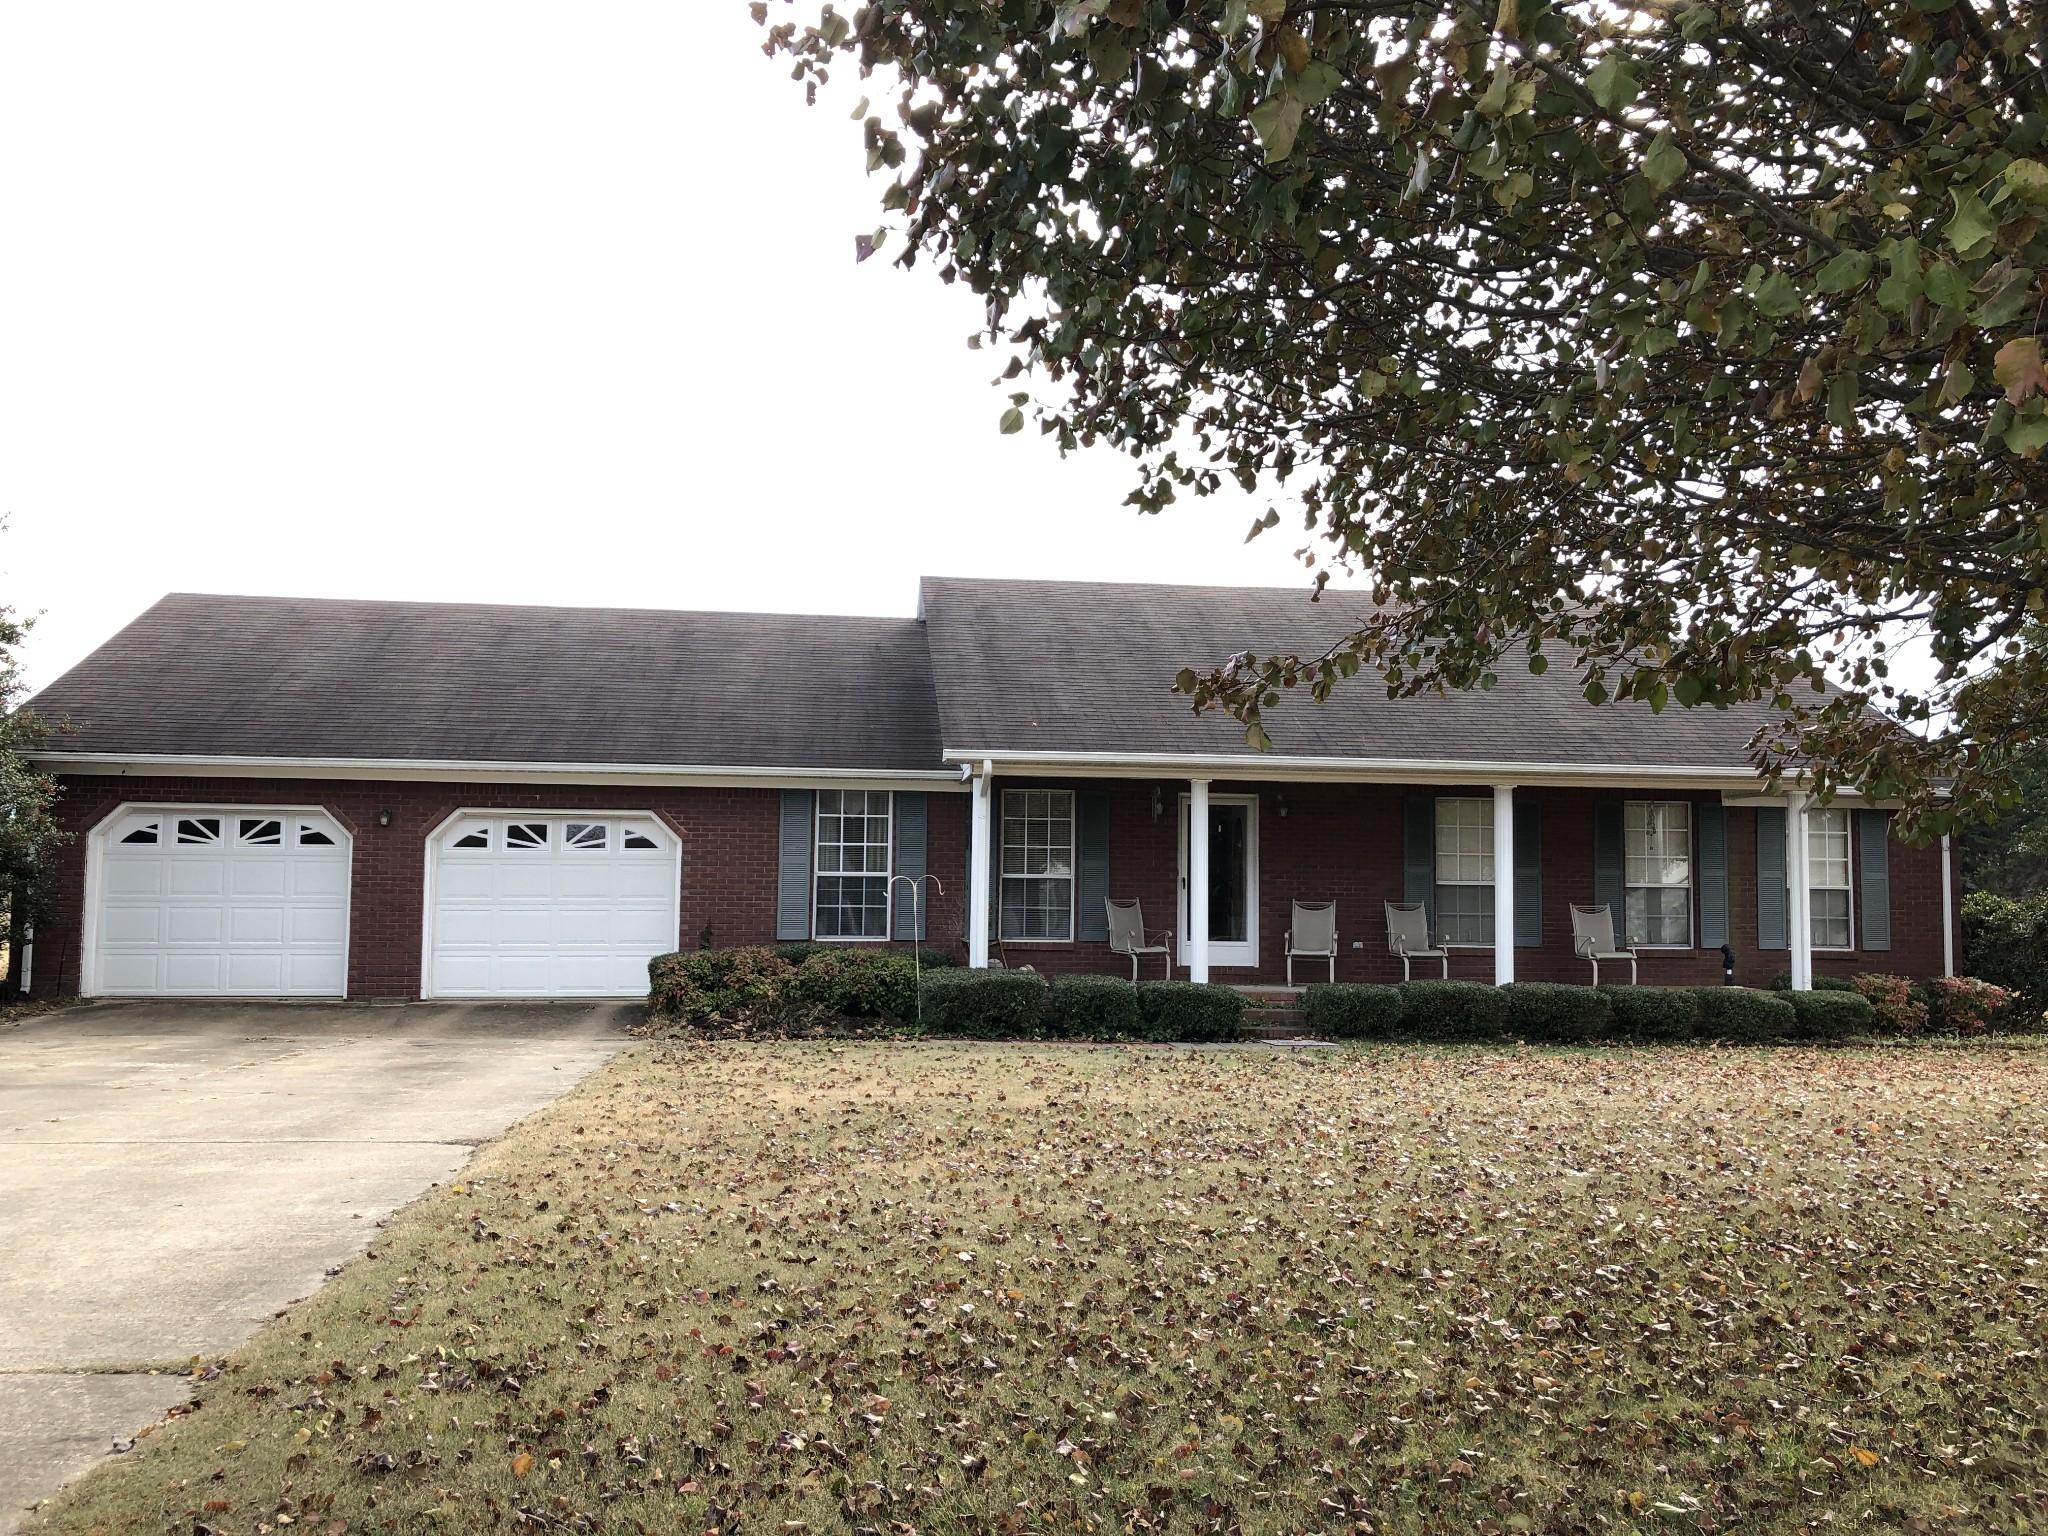 116 Kimberly Dr, Loretto, TN 38469 - Loretto, TN real estate listing